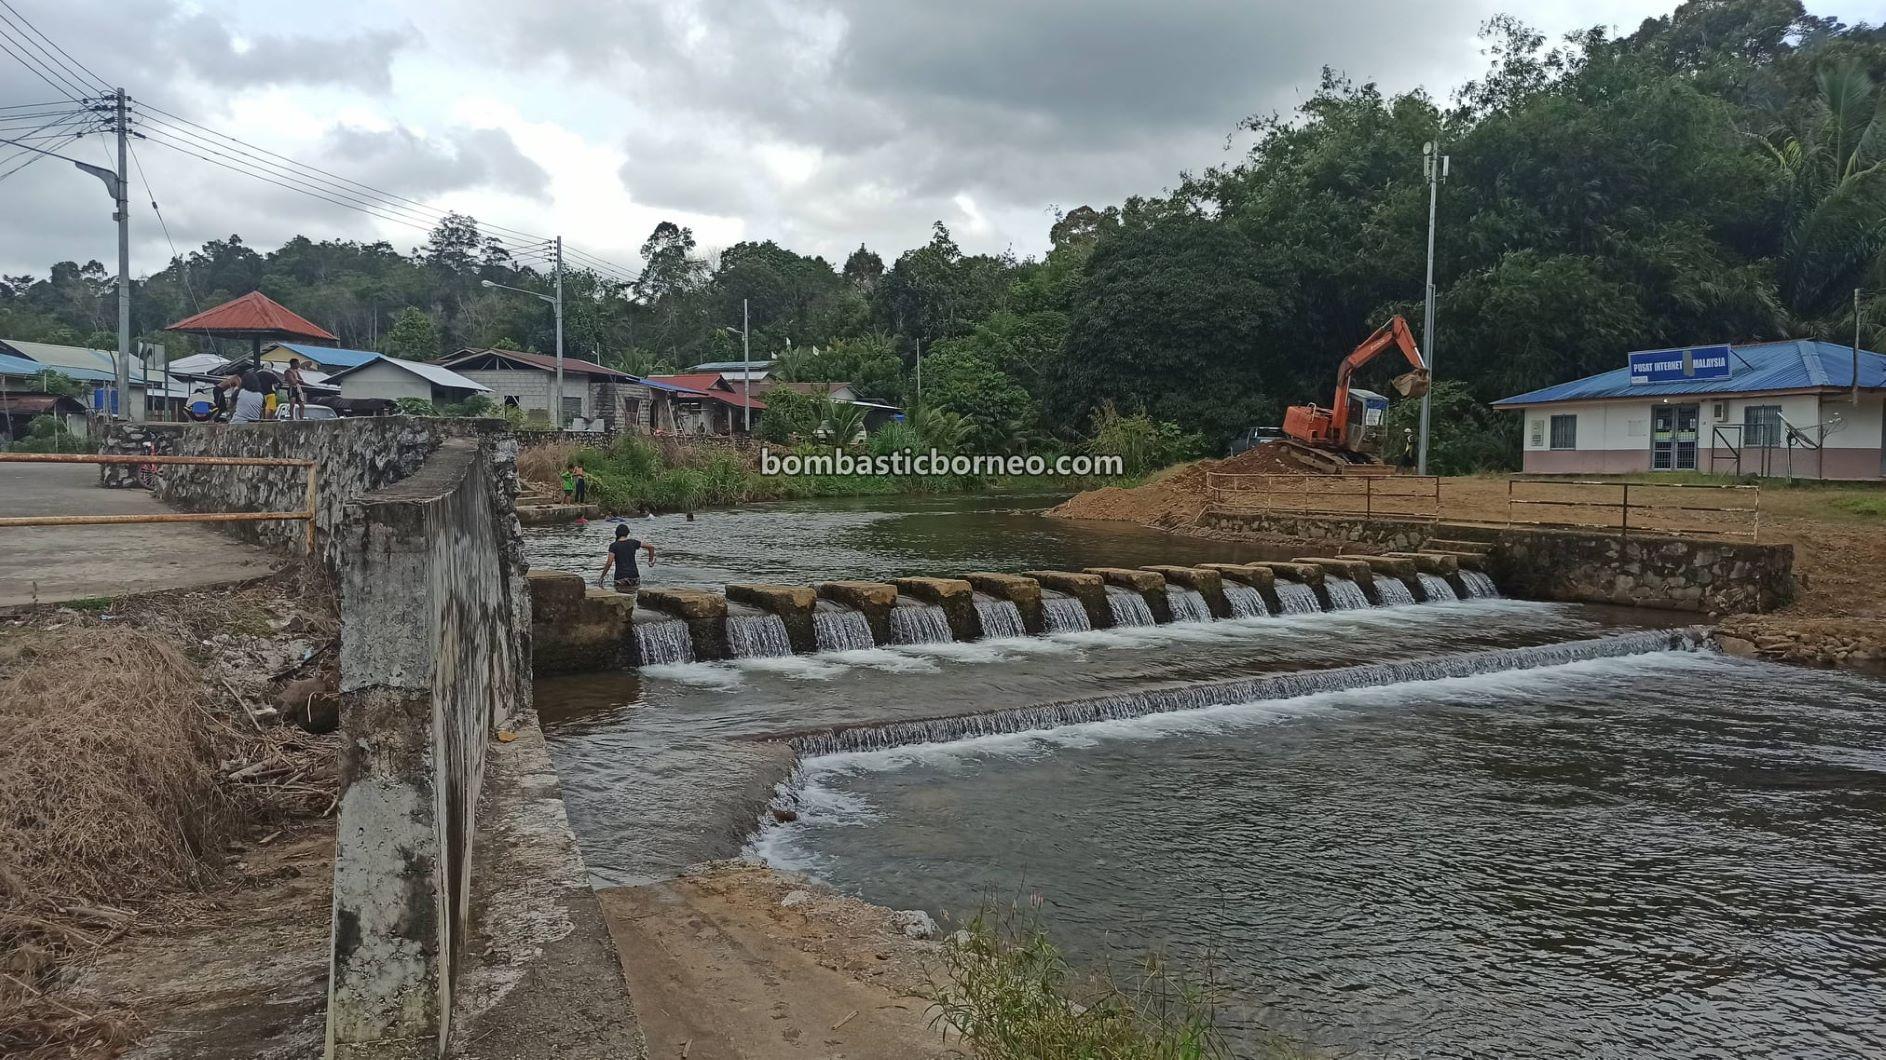 Kampung, Sawah Padi, Dayak Bidayuh, native, exploration, Sarawak, Malaysia, travel guide, Borneo, 探索婆罗洲砂拉越, 马来西亚西连,